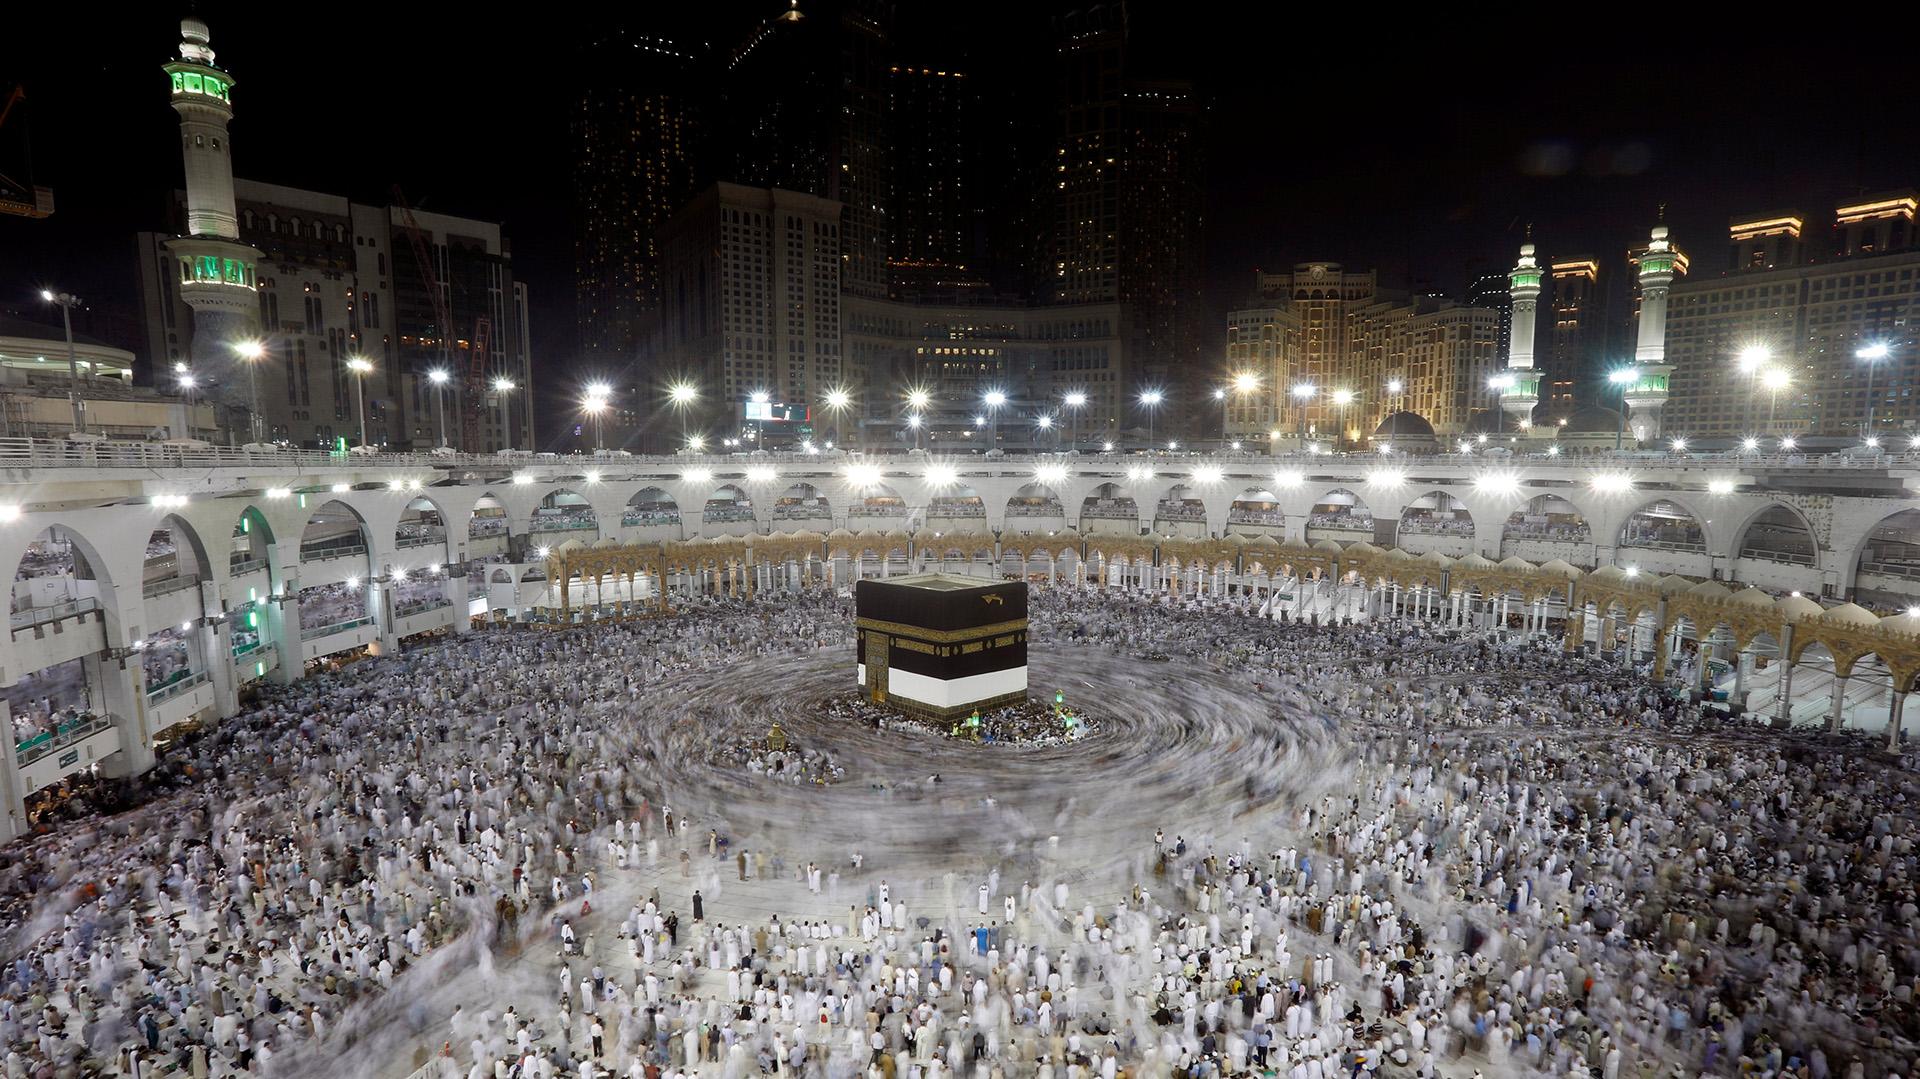 Musulmanes rezando en la Gran Mezquita durante la peregrinación anual a La Meca, en Arabia Saudita (REUTERS/Suhaib Salem)